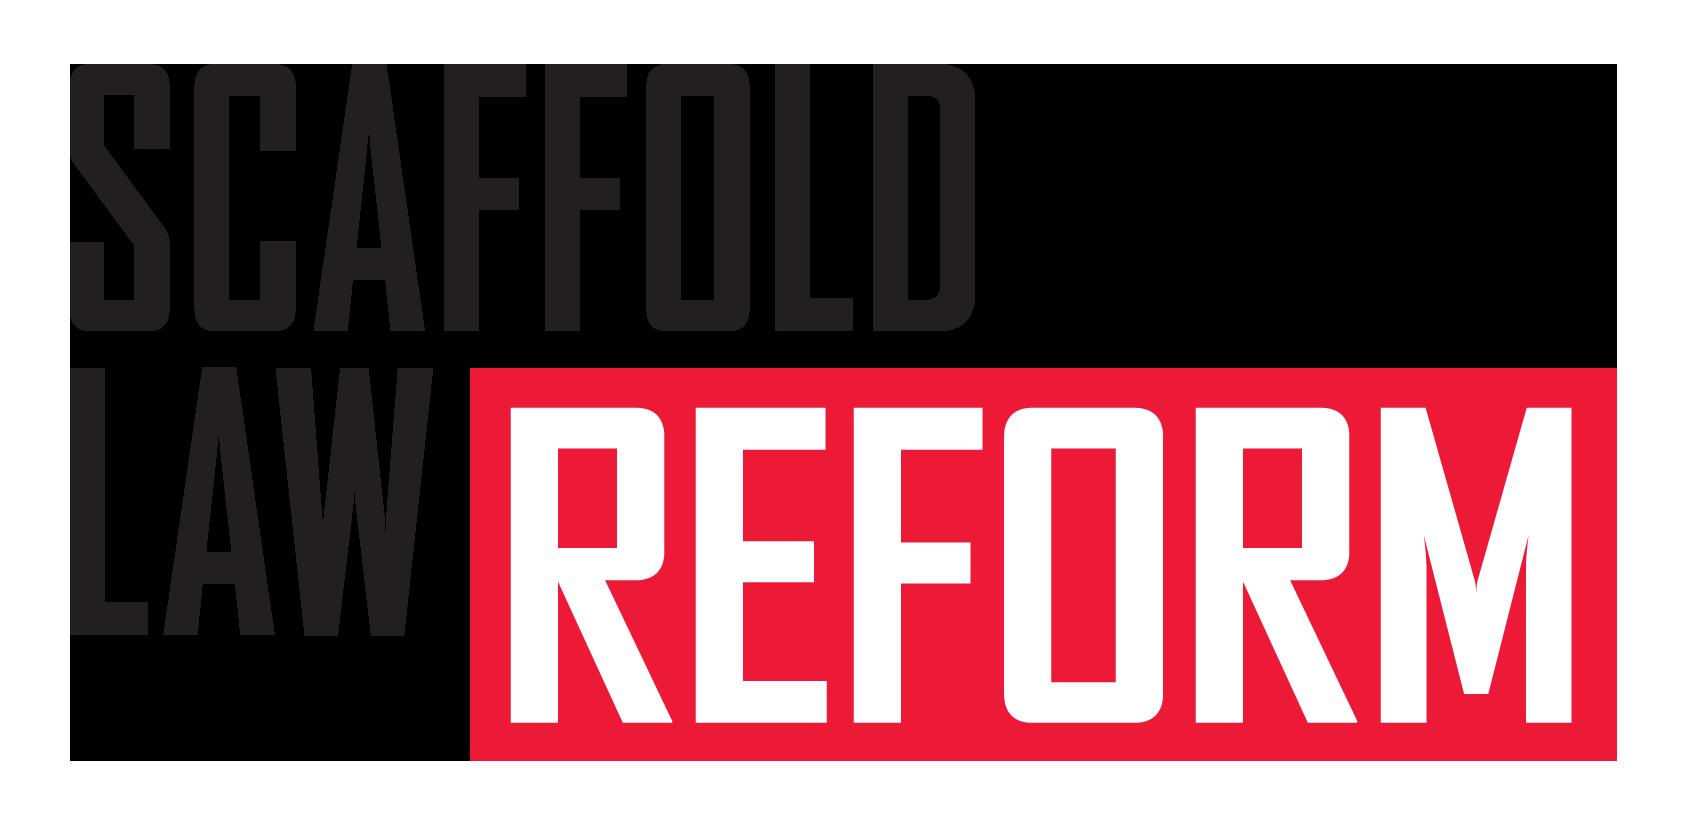 scaffold-law-reform-logo-2017